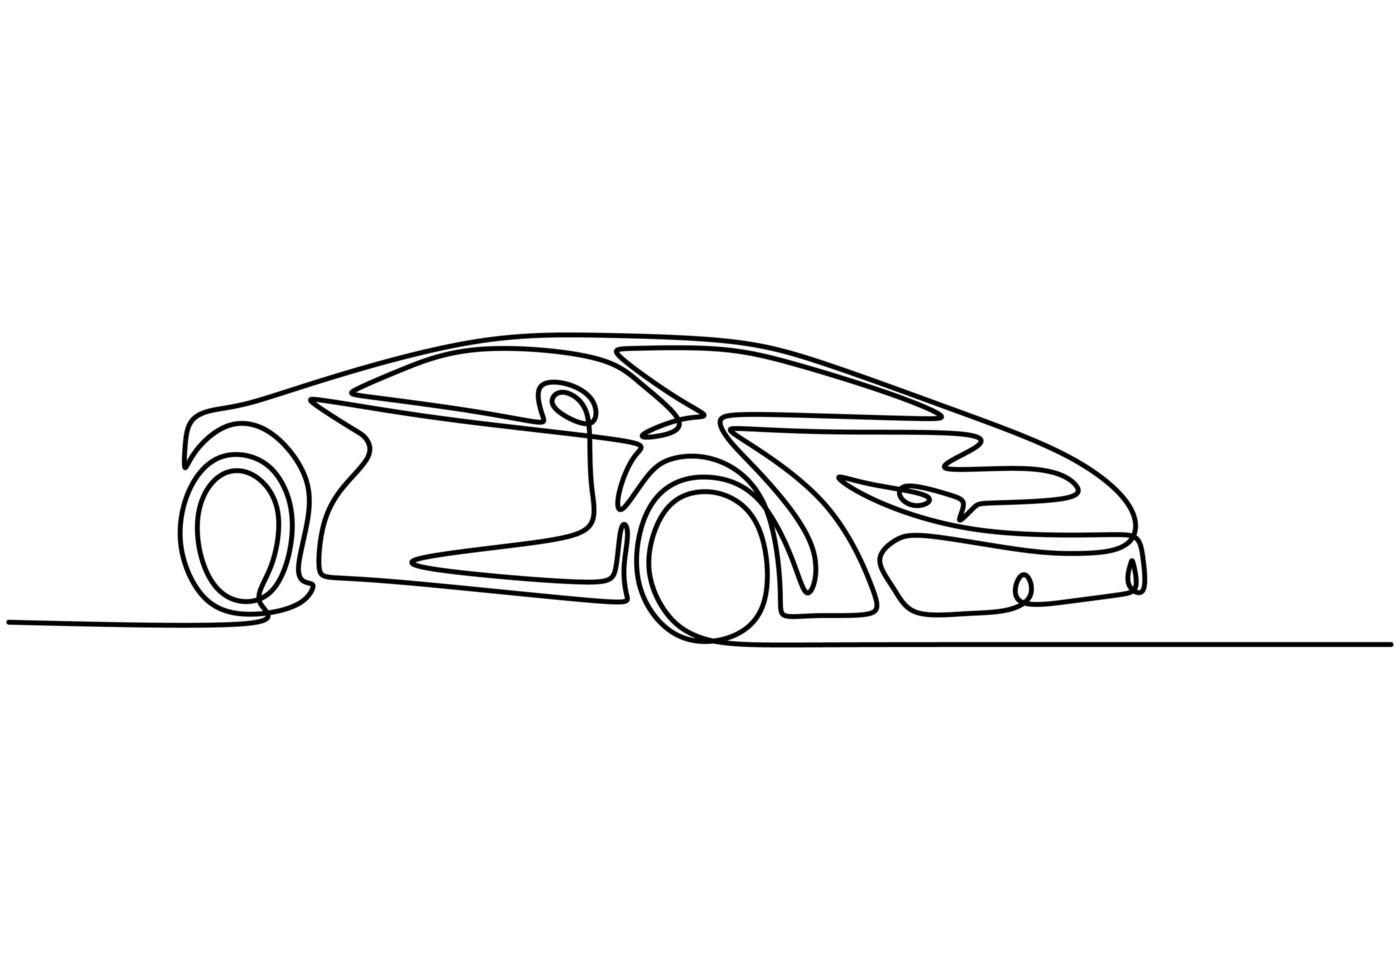 um desenho de linha do carro. vetor